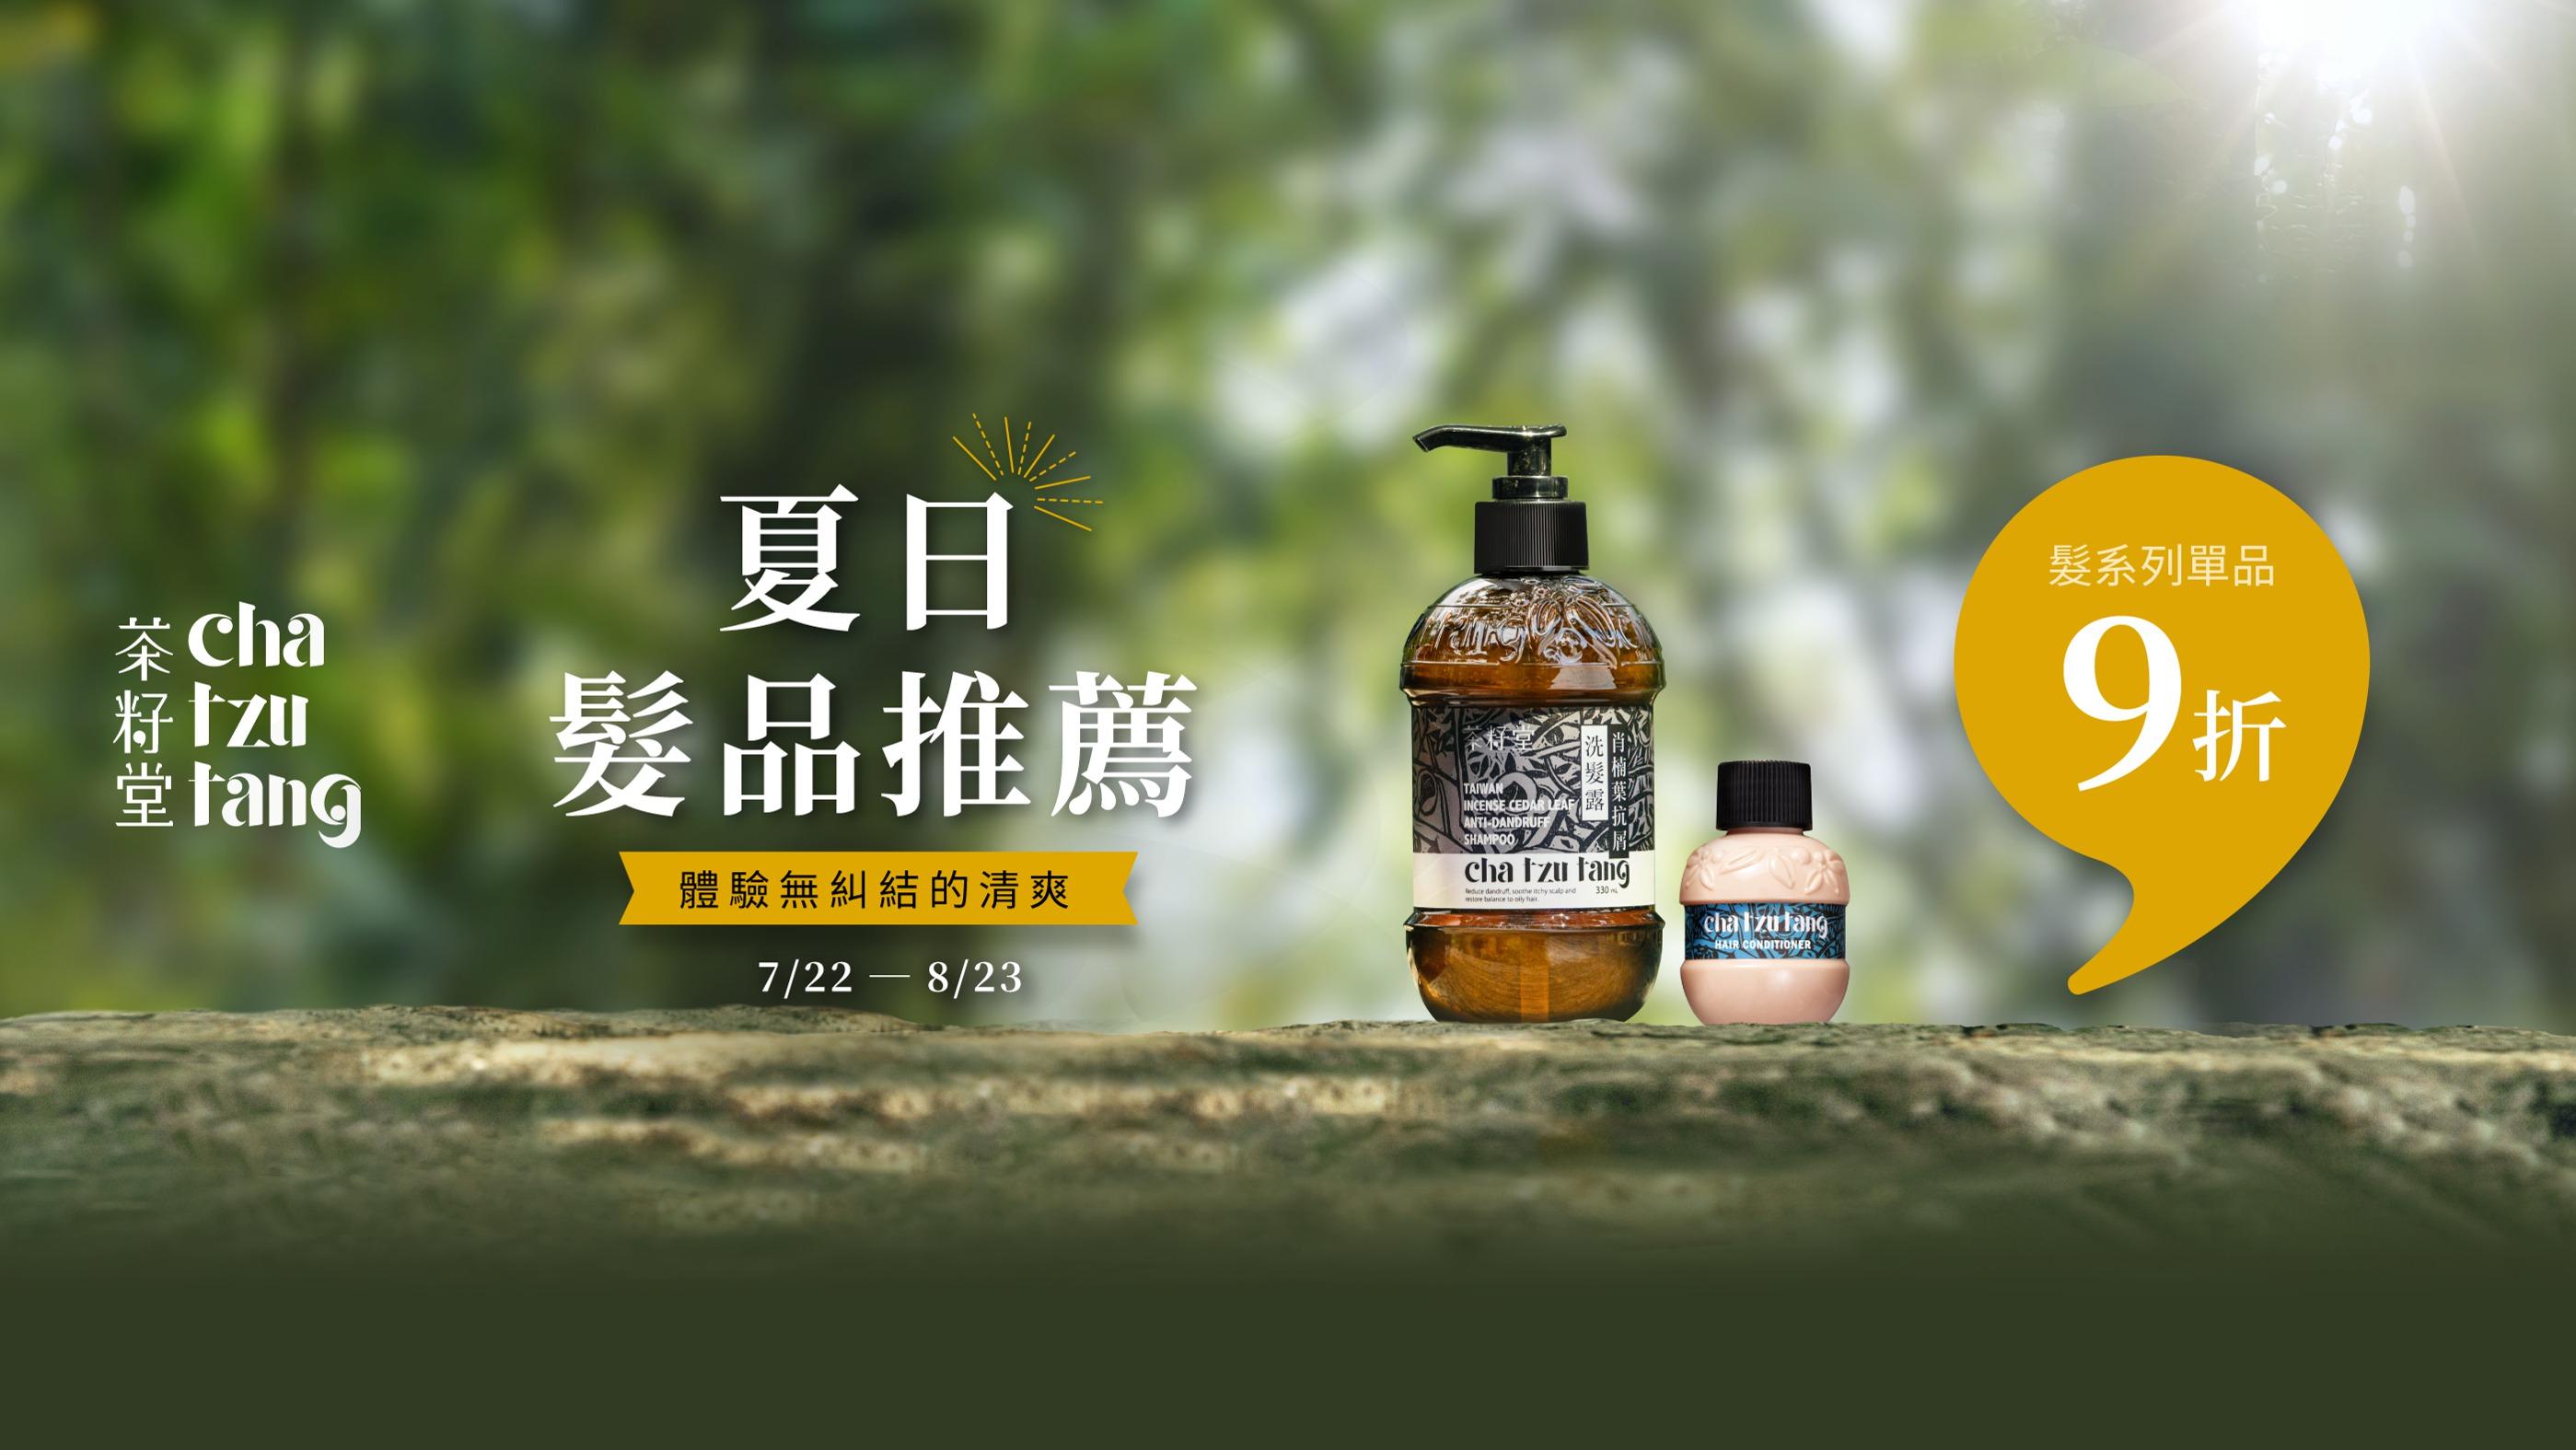 設計師品牌 - 茶籽堂 chatzutang